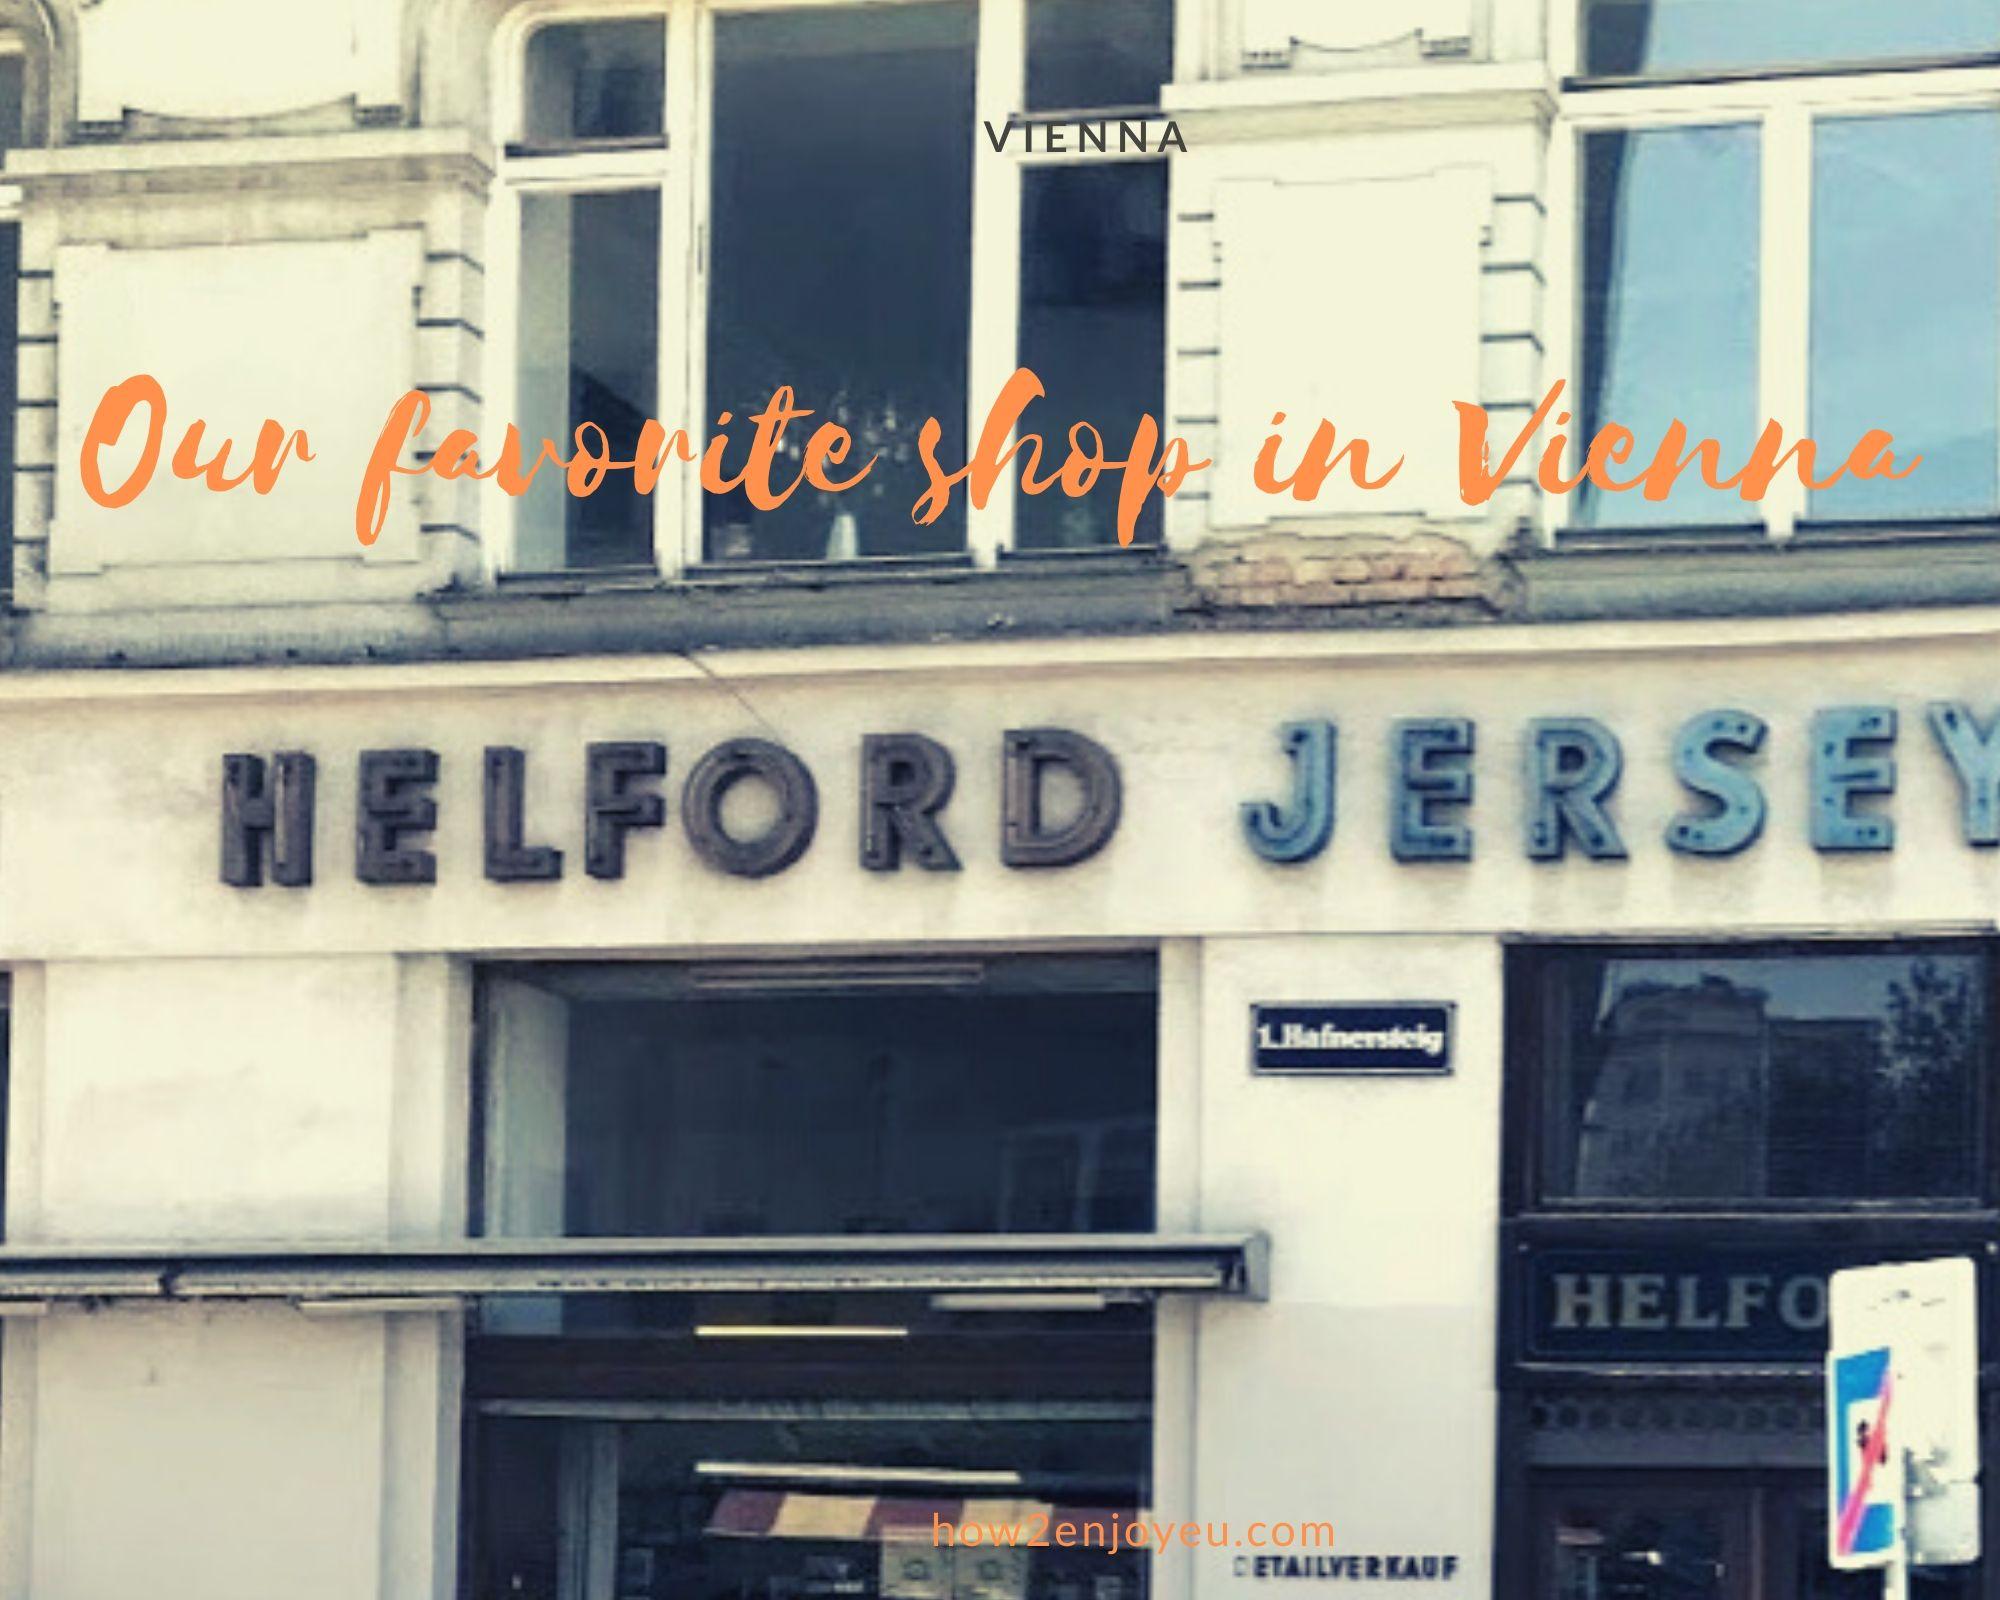 ウィーン、Helford Jerseyは車好きな大人が集まる趣味のお店